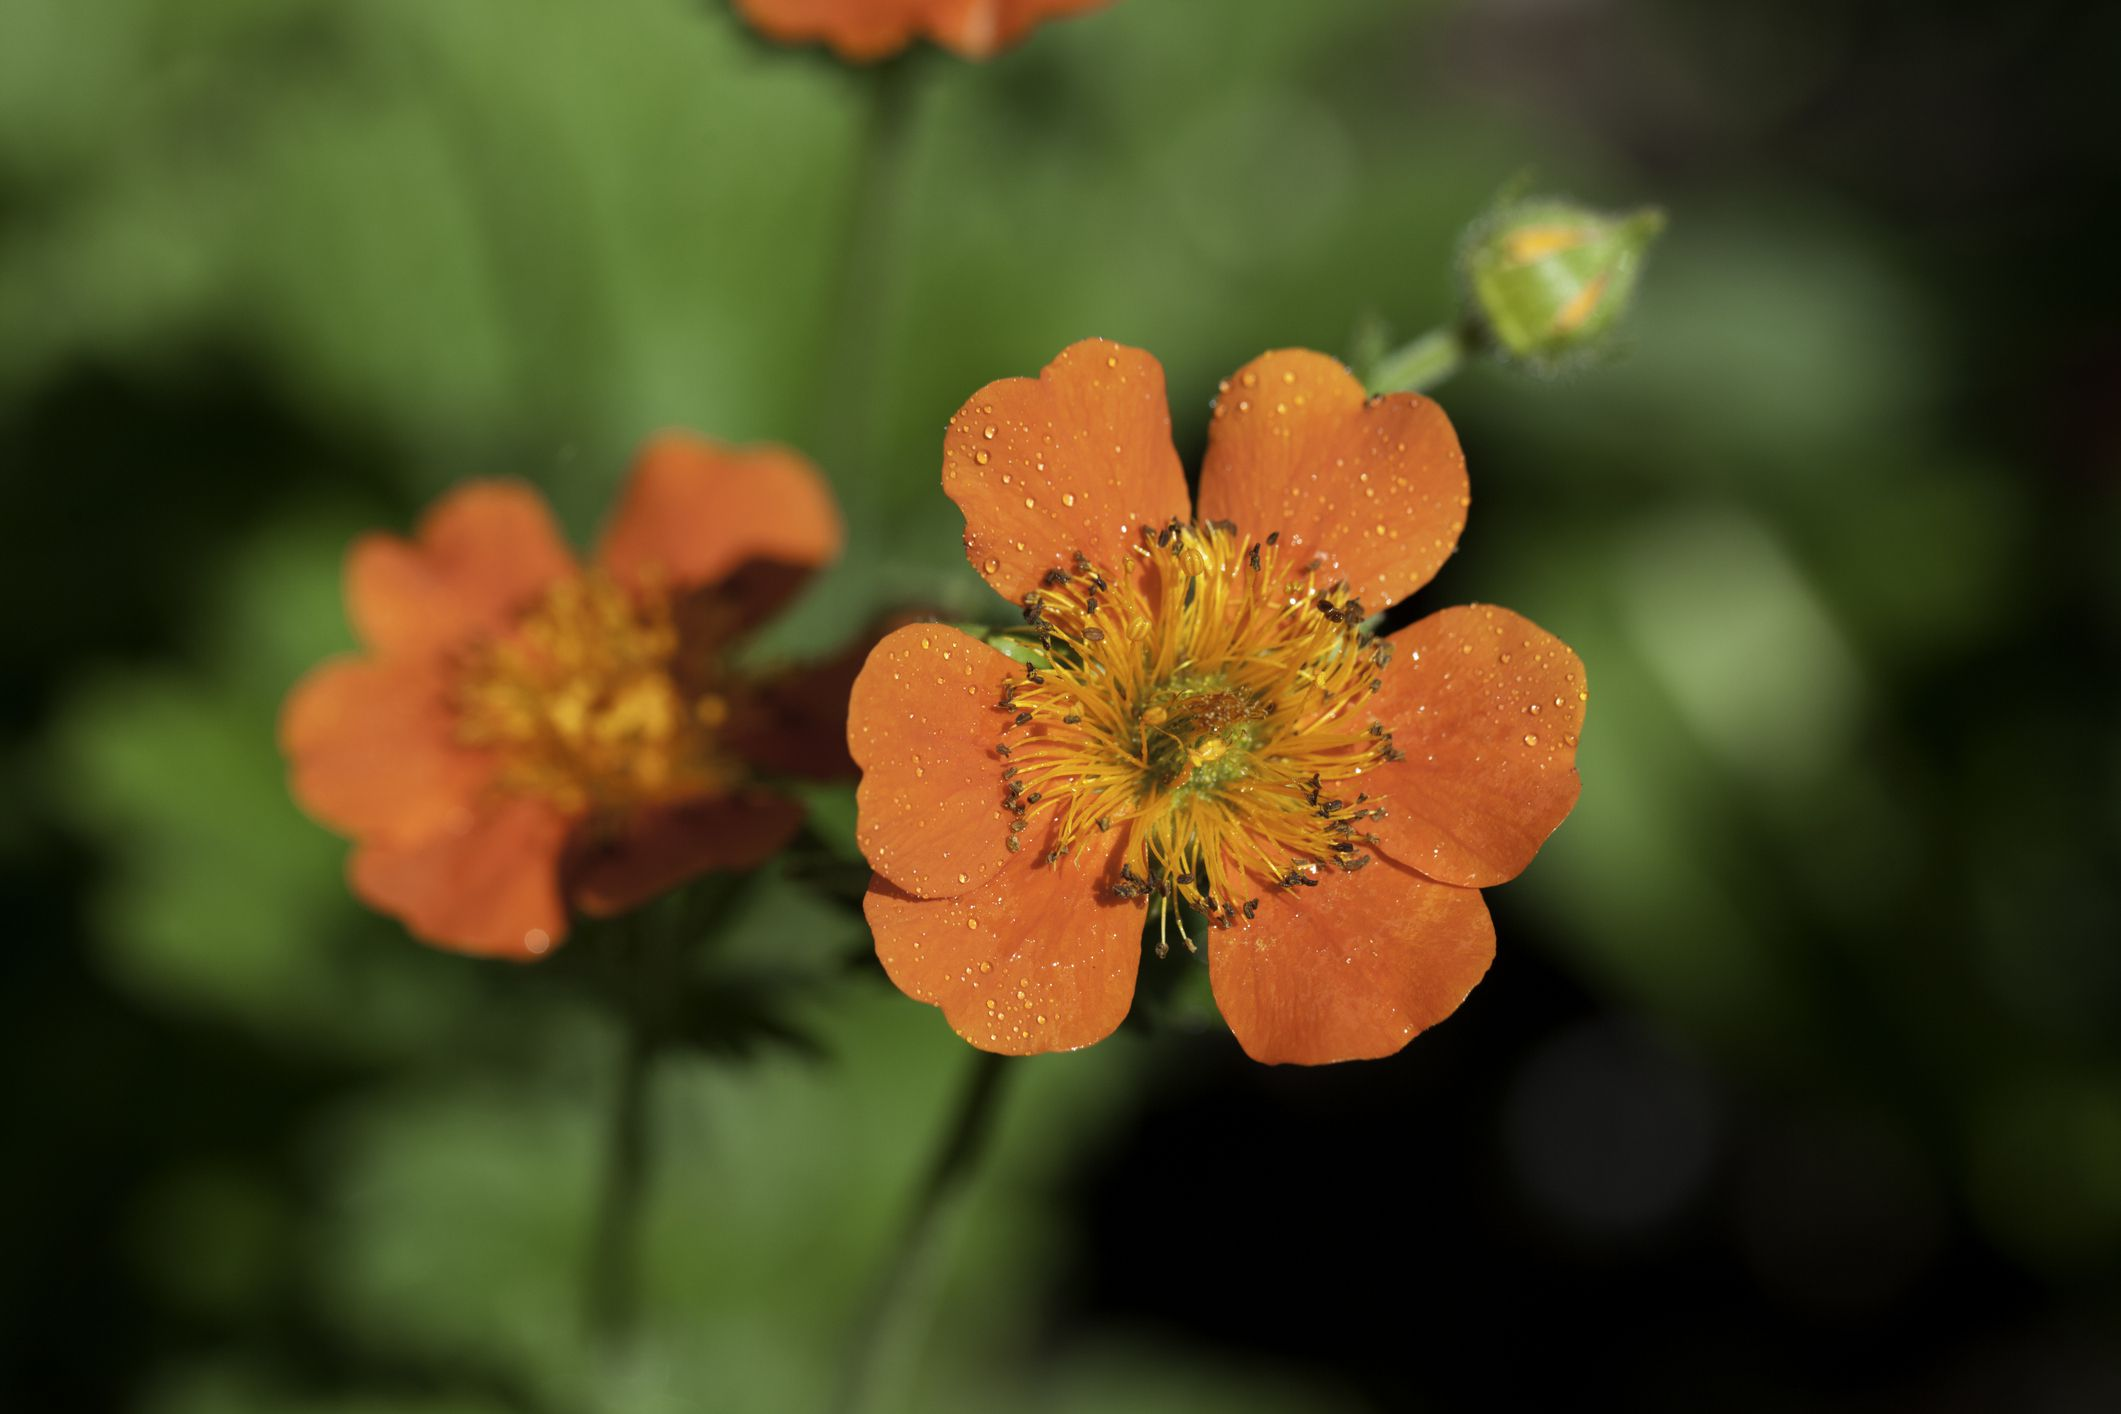 Geum flowers in orange.